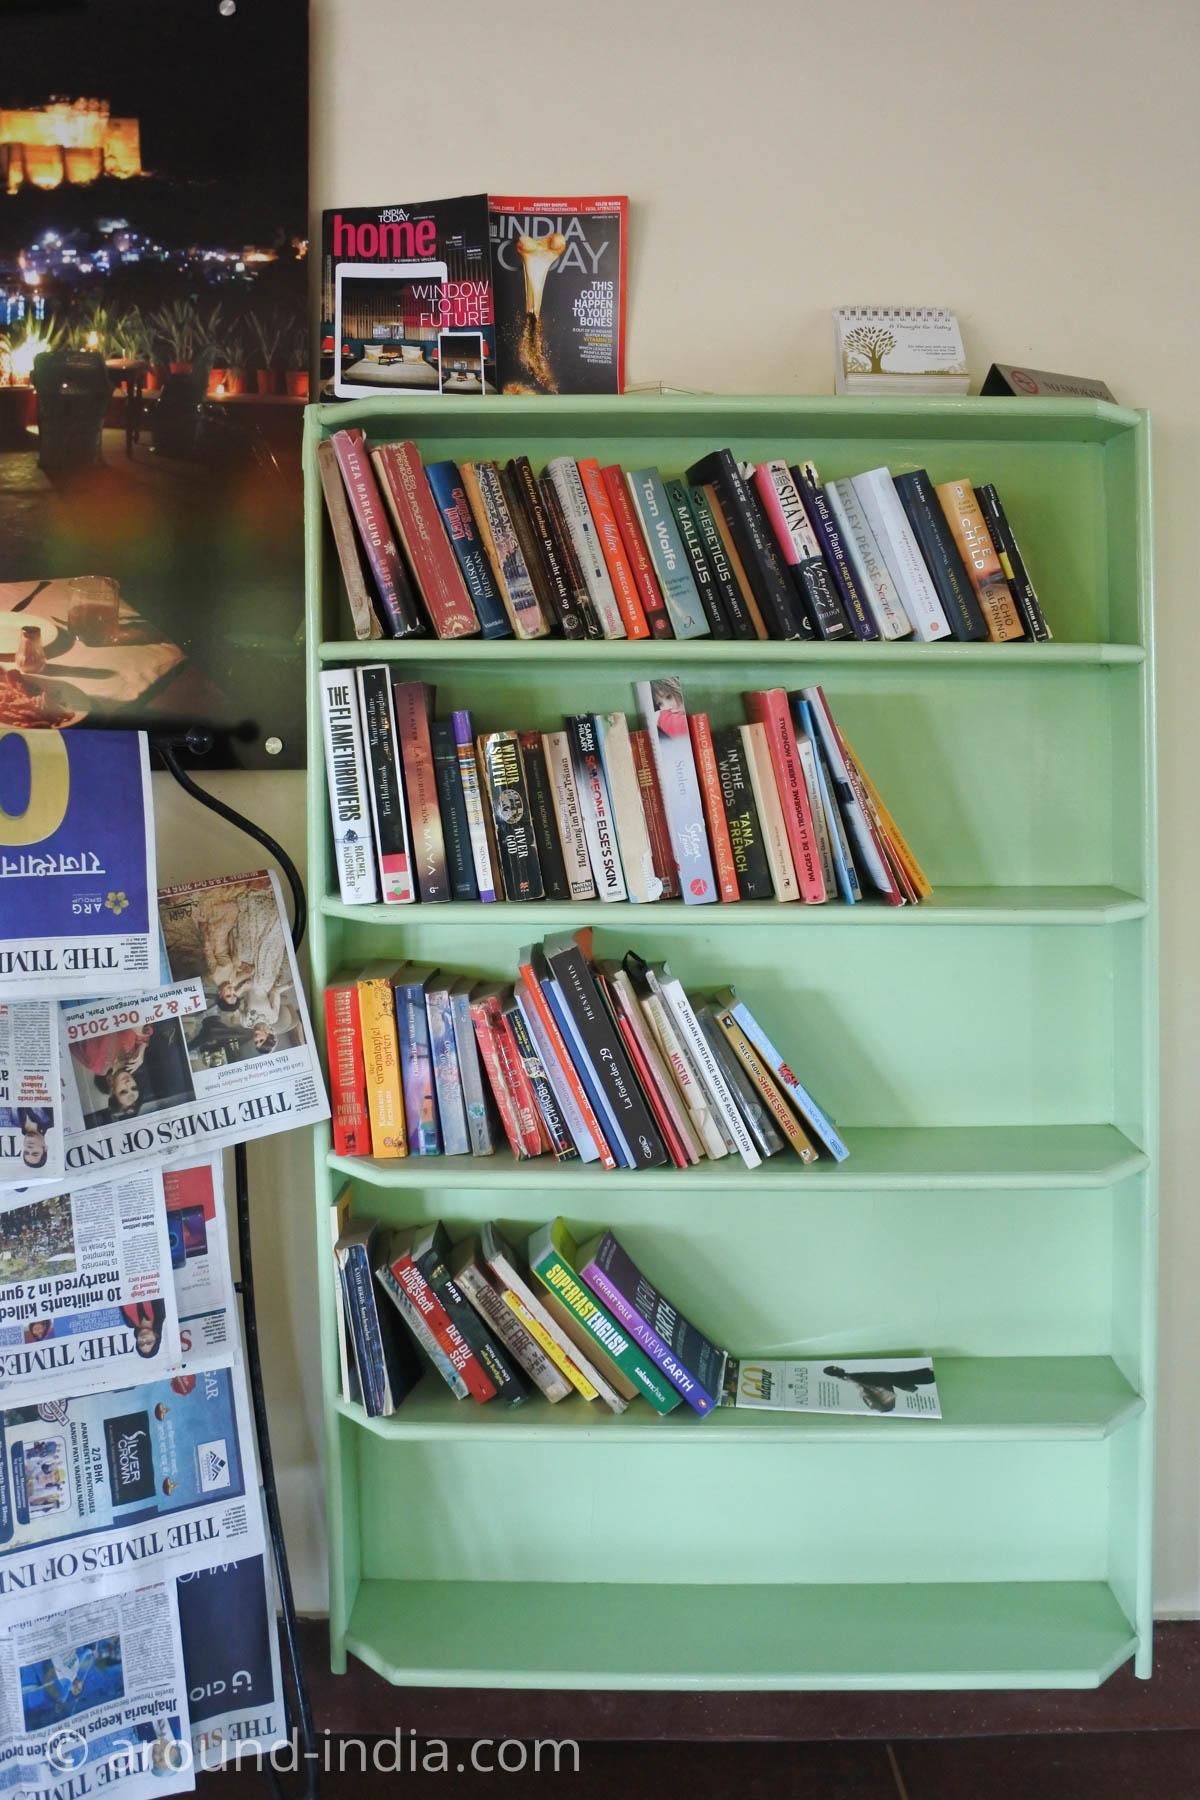 ジョードプルのカフェSheesh mahalの本棚